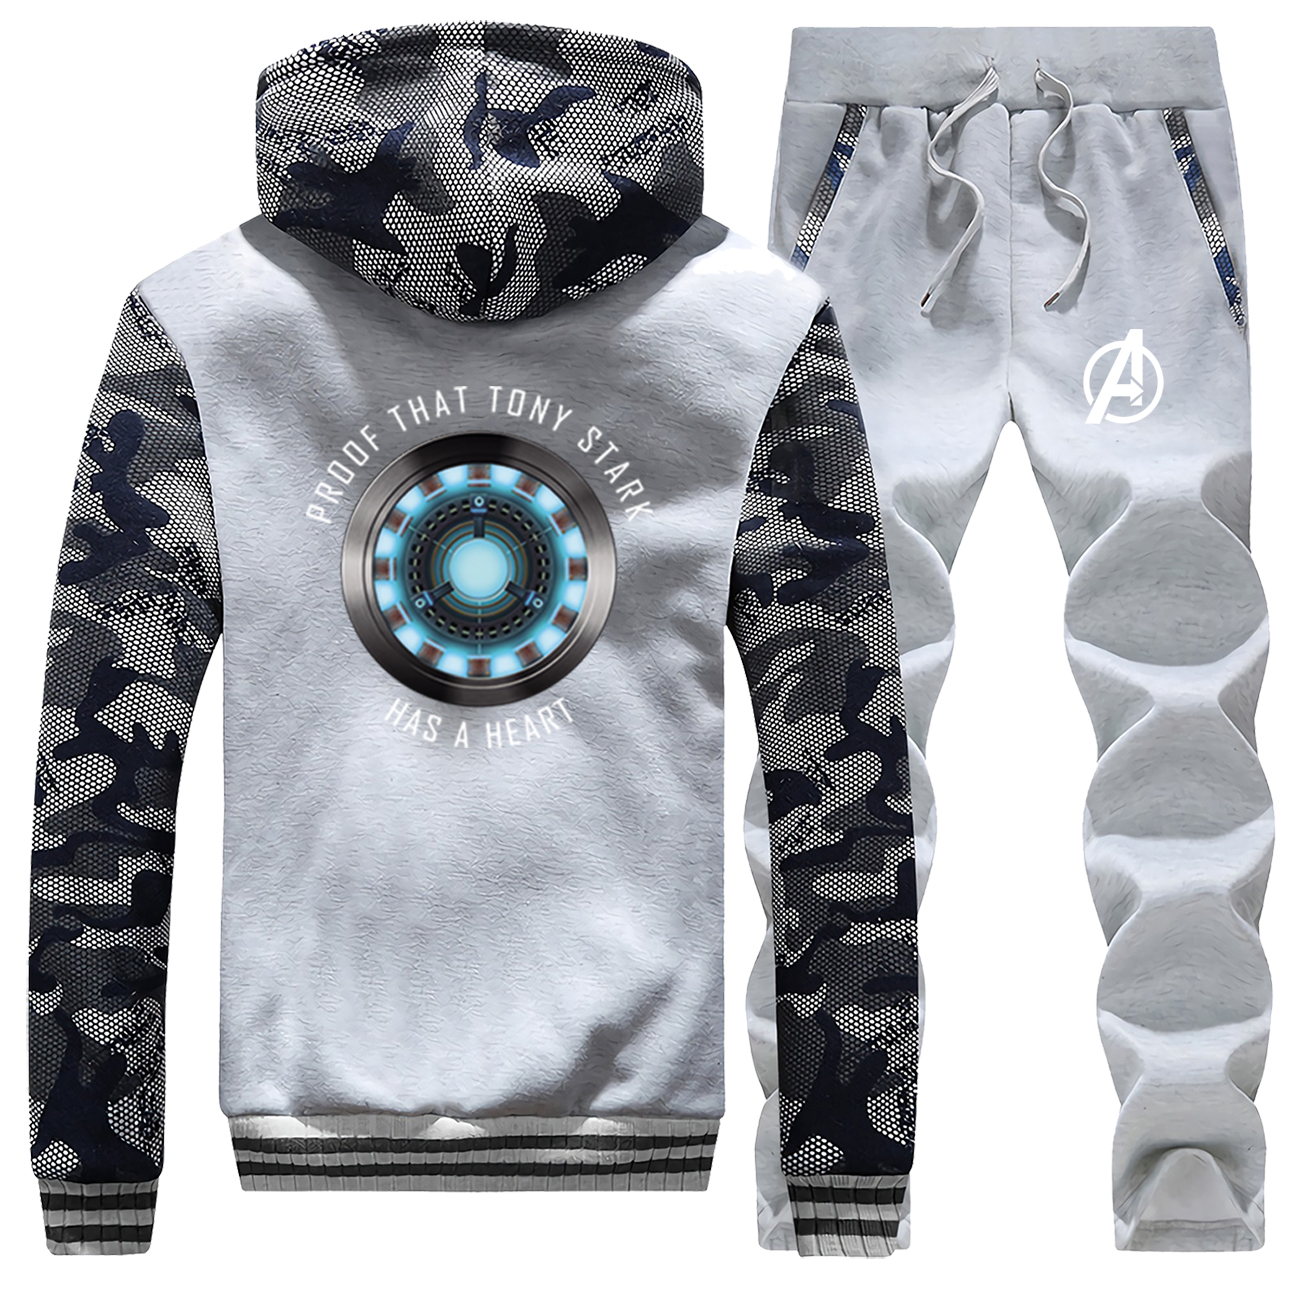 Marvel Avengers Iron Man Fleece Camo Hoodies Pants Men's 2pcs Sets Tony Stark Has A Heart Sportswear Mens Sweatshirts Streetwear